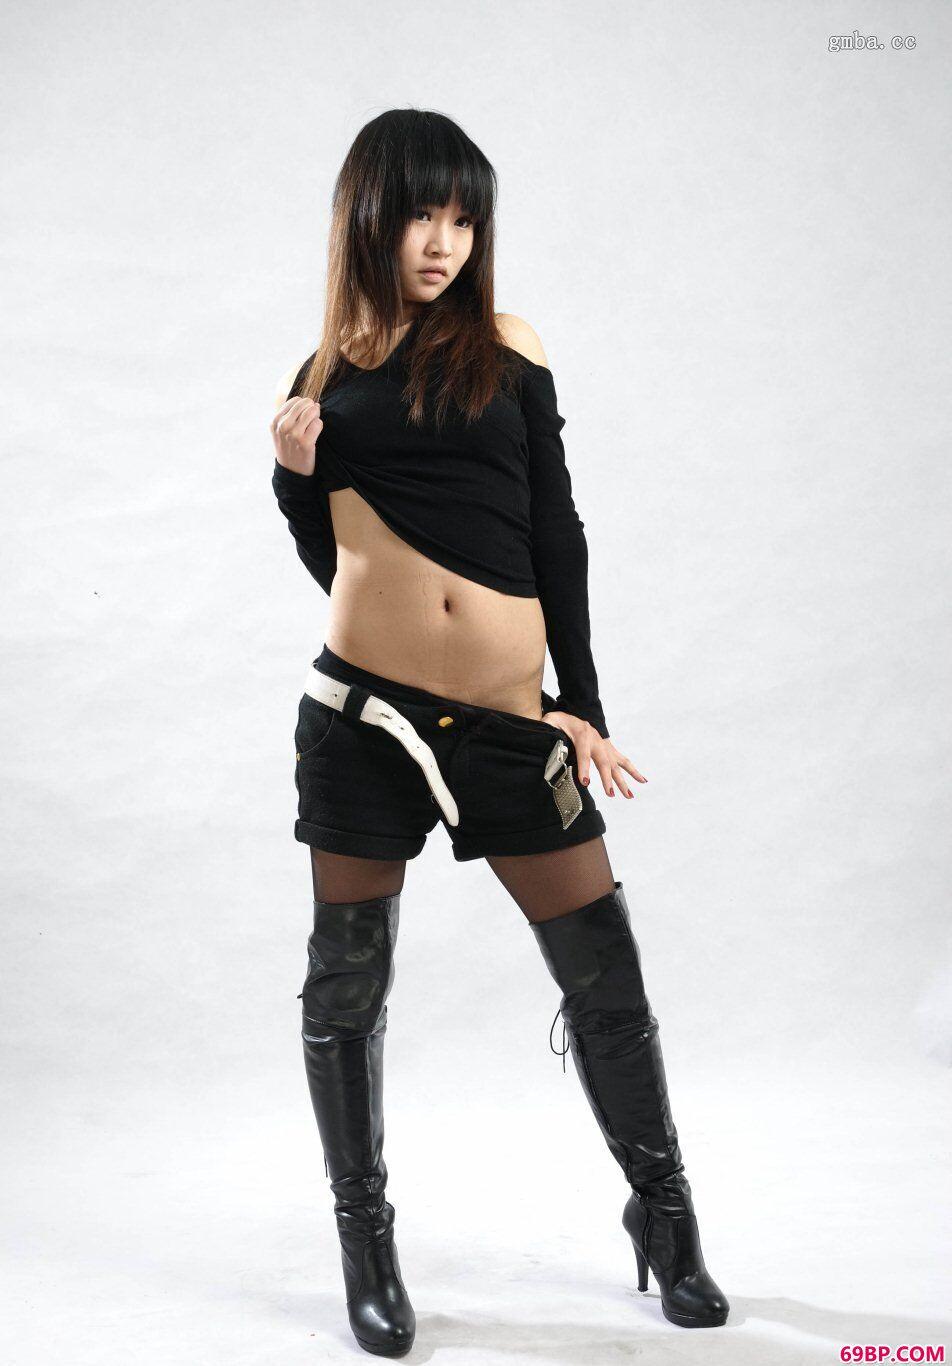 rtyss_体操运动员璇子高难度动作人体_0